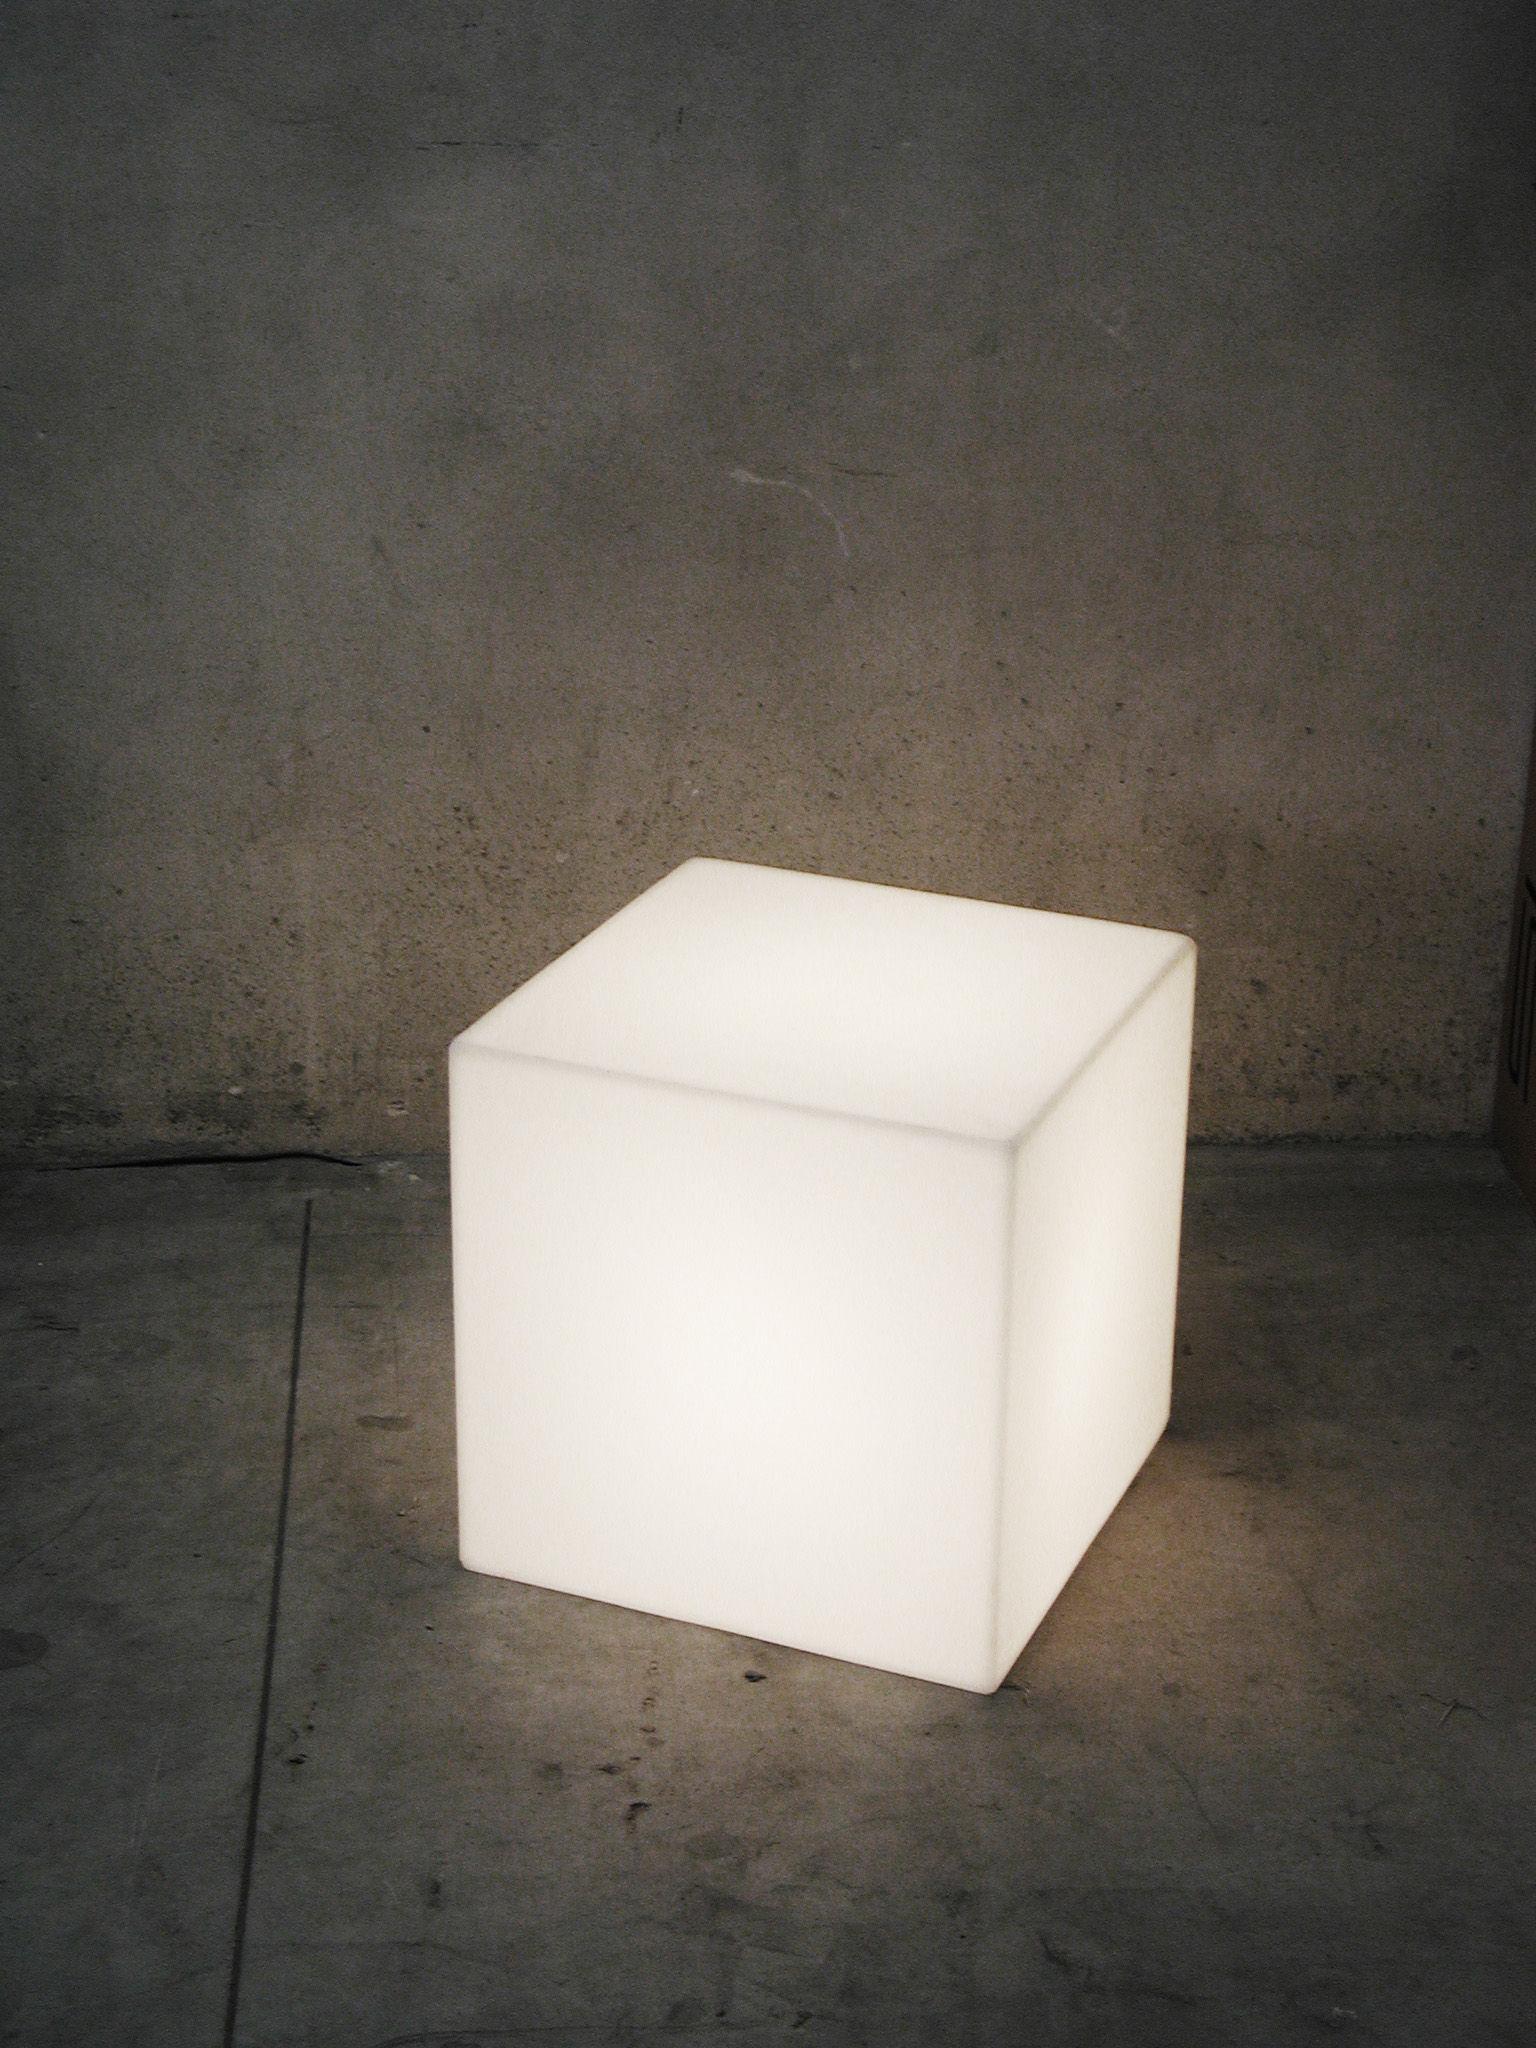 Scopri Lampada da tavolo Cubo Outdoor LED -sanza fili - 25 x 25 x 25 cm - Per...